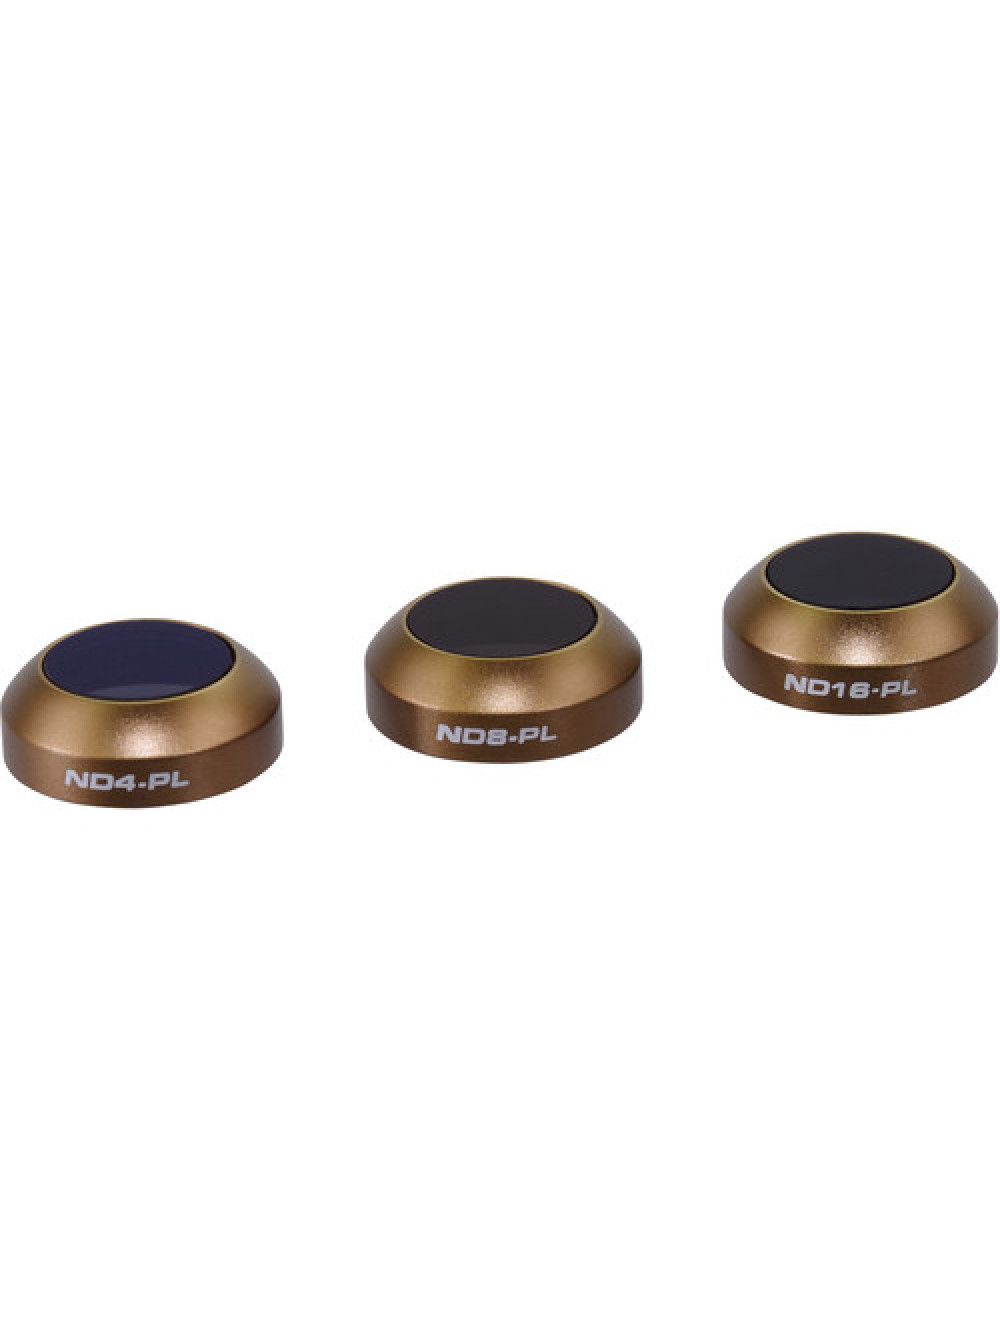 Набор фильтров серии PolarPro Cinema 3шт ND4/PL, ND8/PL, ND16/PL для DJI Mavic Pro